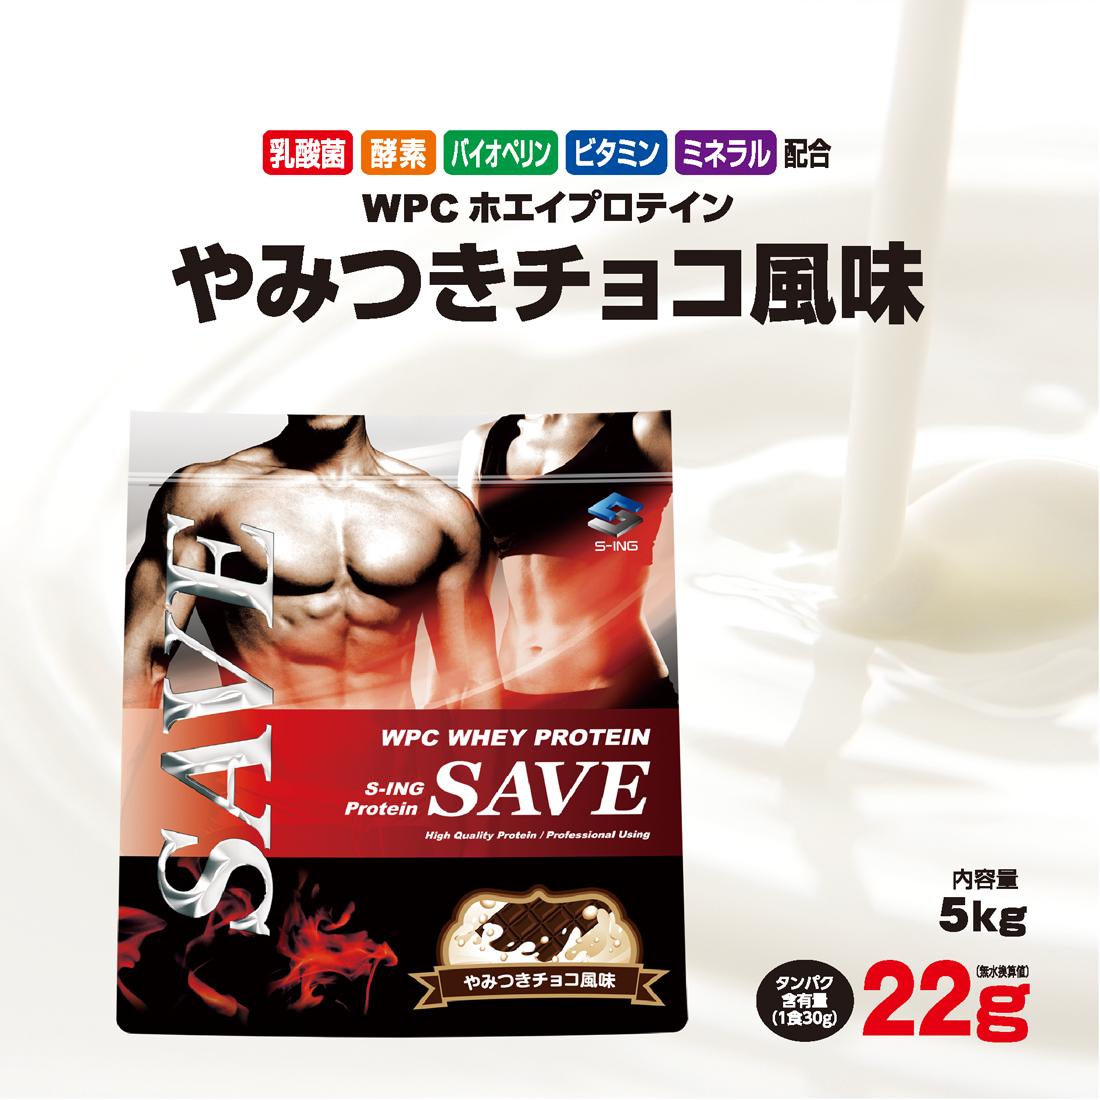 最安値 に挑戦中 超人気 専門店 ホエイプロテイン 5kg チョコ 送料無料 激安 やみつきチョコ風味 エンザミン酵素配合 バイオペリン SAVEプロテイン WPC 乳酸菌 買い物